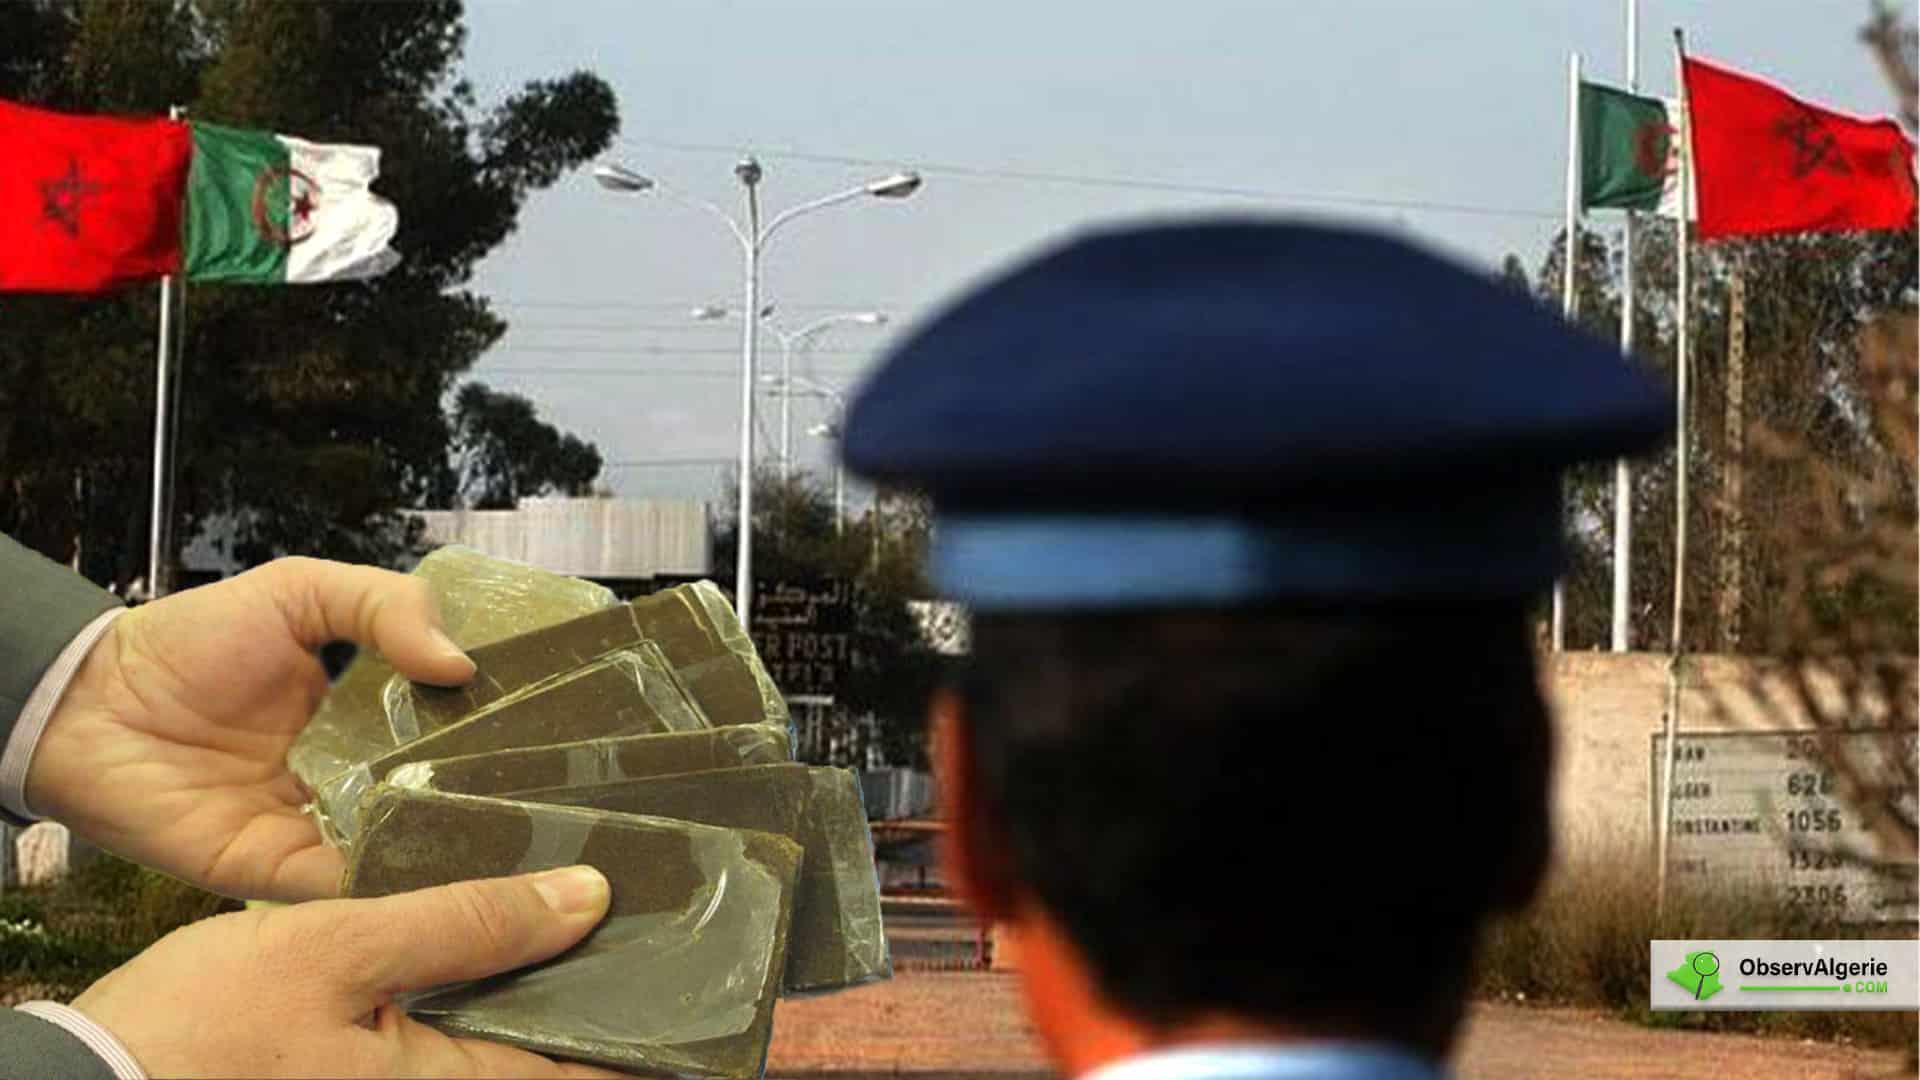 Algérie : 16 tonnes de kif traité et 18 kilos de cocaïne parvenus du Maroc